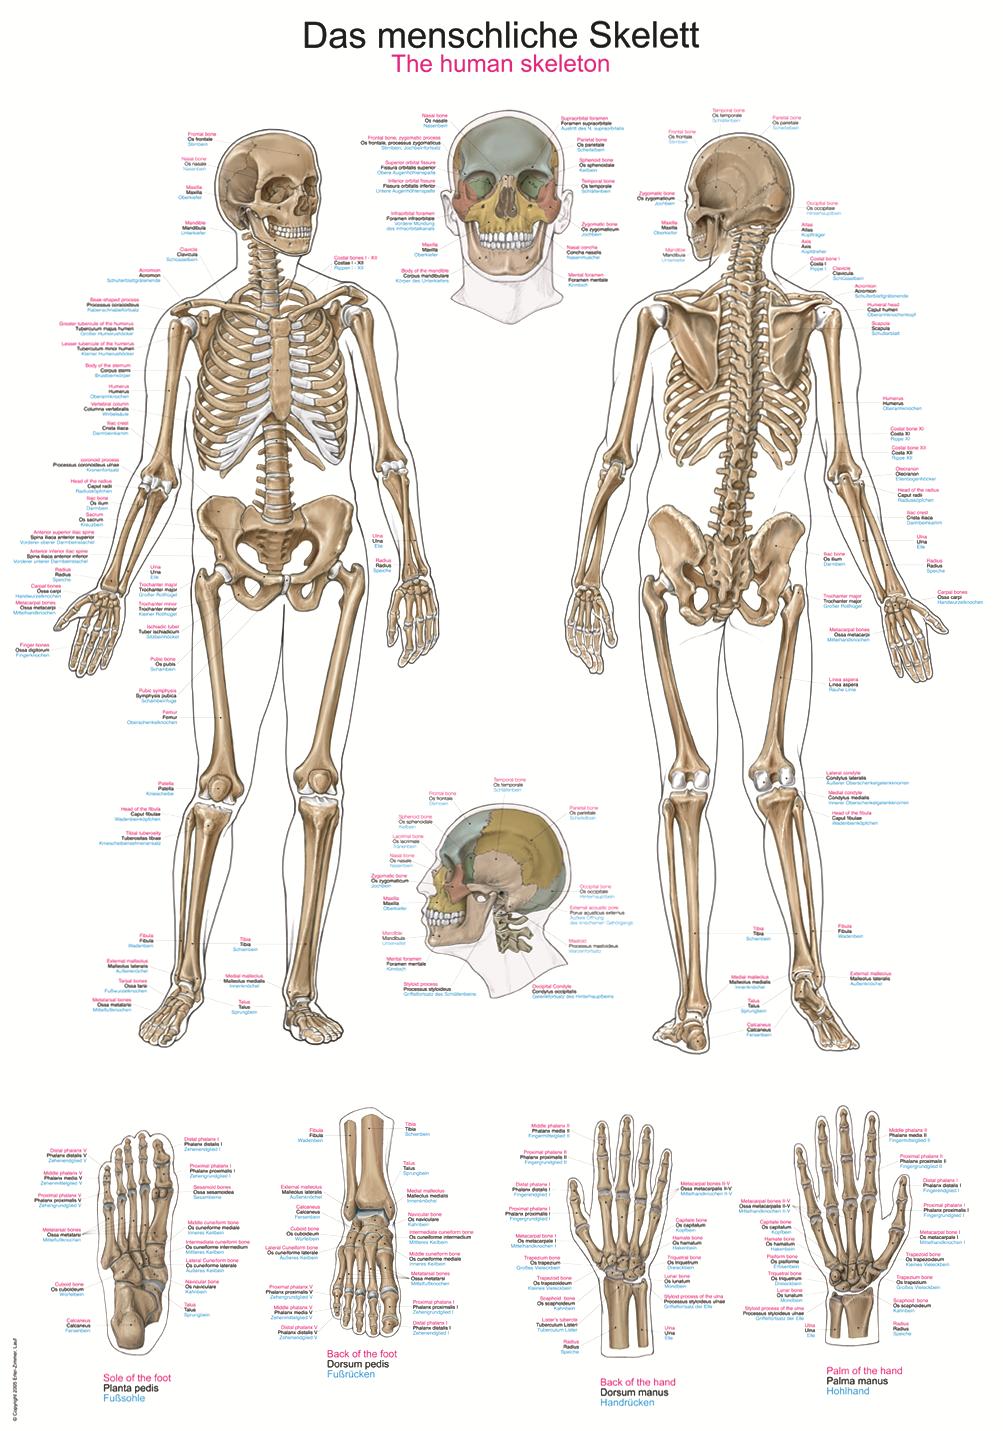 ERLER-ZIMMER | Anatomische Lehrtafel menschliches Skelett